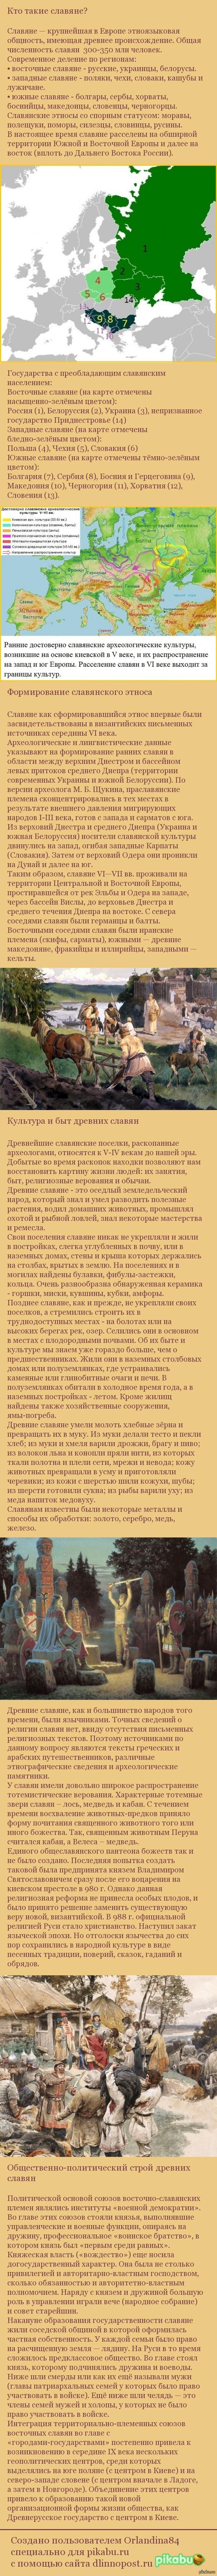 Славяне как этнос Длиннопост по этнографии славян. Следущий пост будет про генофонд славян.